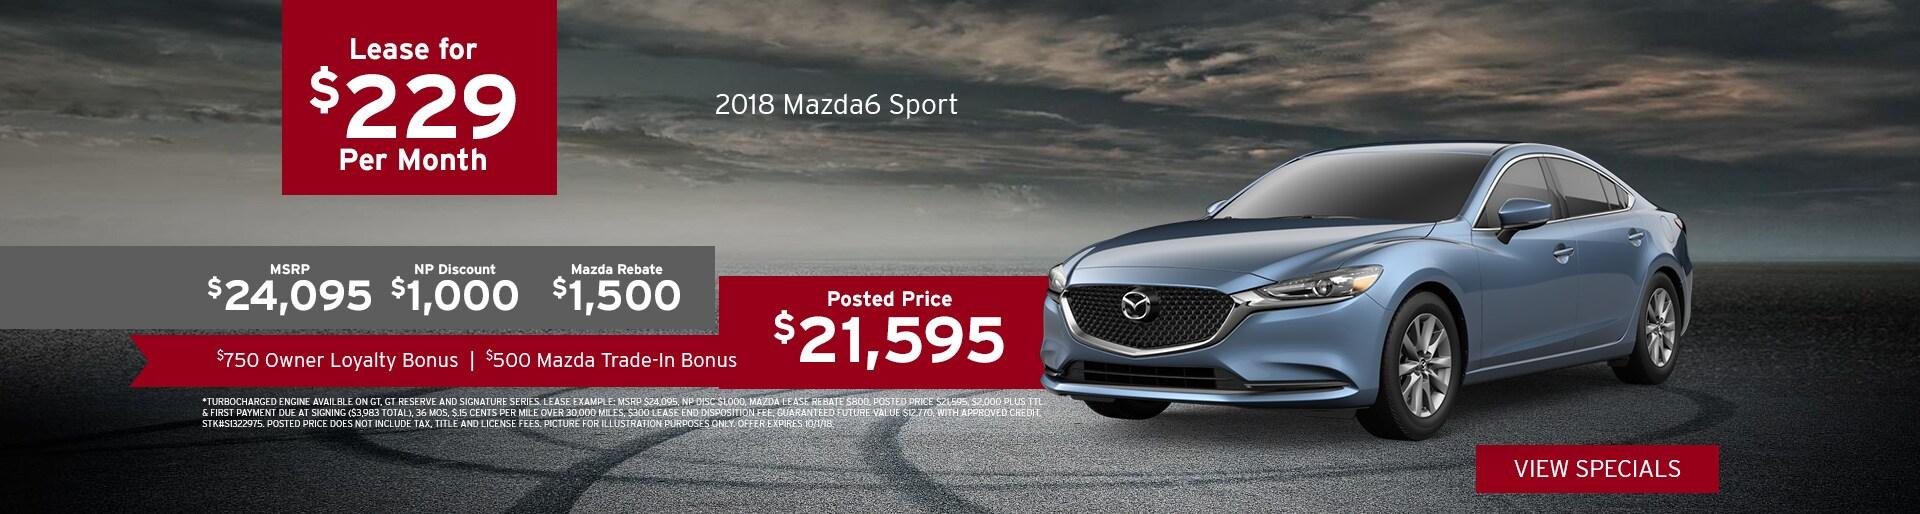 Welcome To North Park Mazda Dealer In San Antonio Tx 2007 626 2 0 Engine Parts Diagram 1 3 4 5 6 7 8